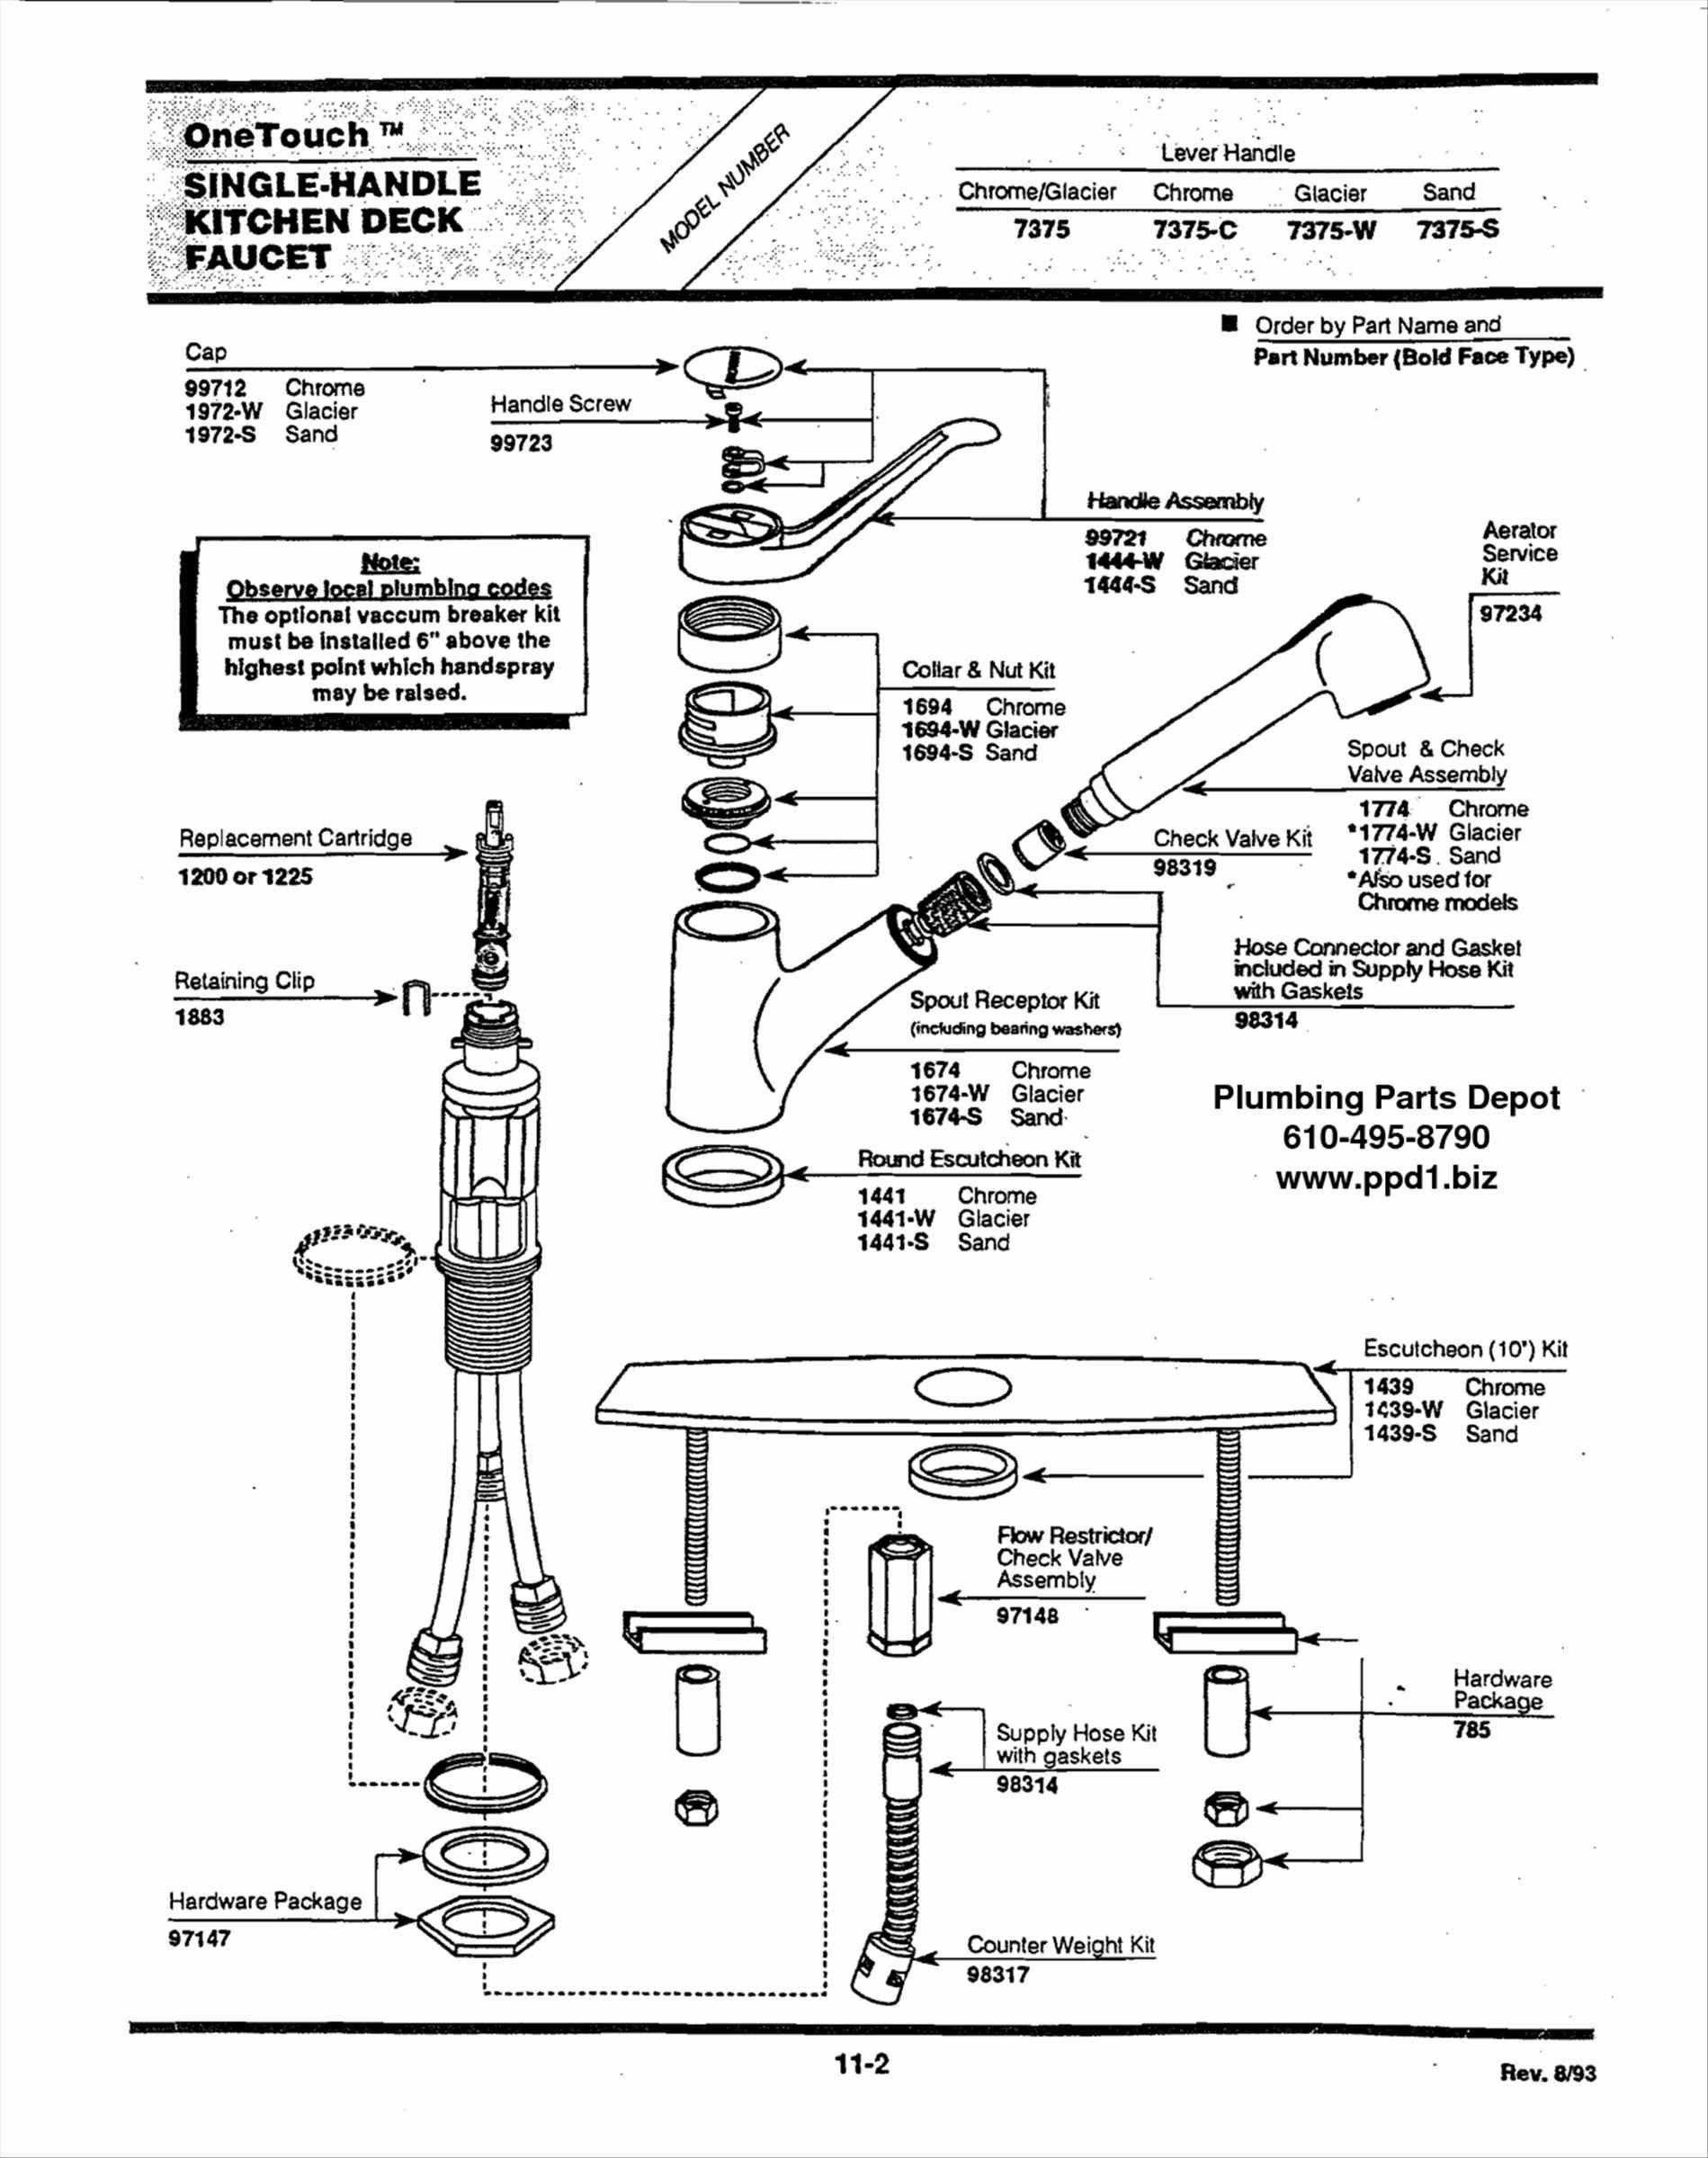 American Standard Shower Faucet Parts Diagram In 2021 Kitchen Faucet Repair Faucet Repair Shower Faucet Repair [ 2399 x 1899 Pixel ]